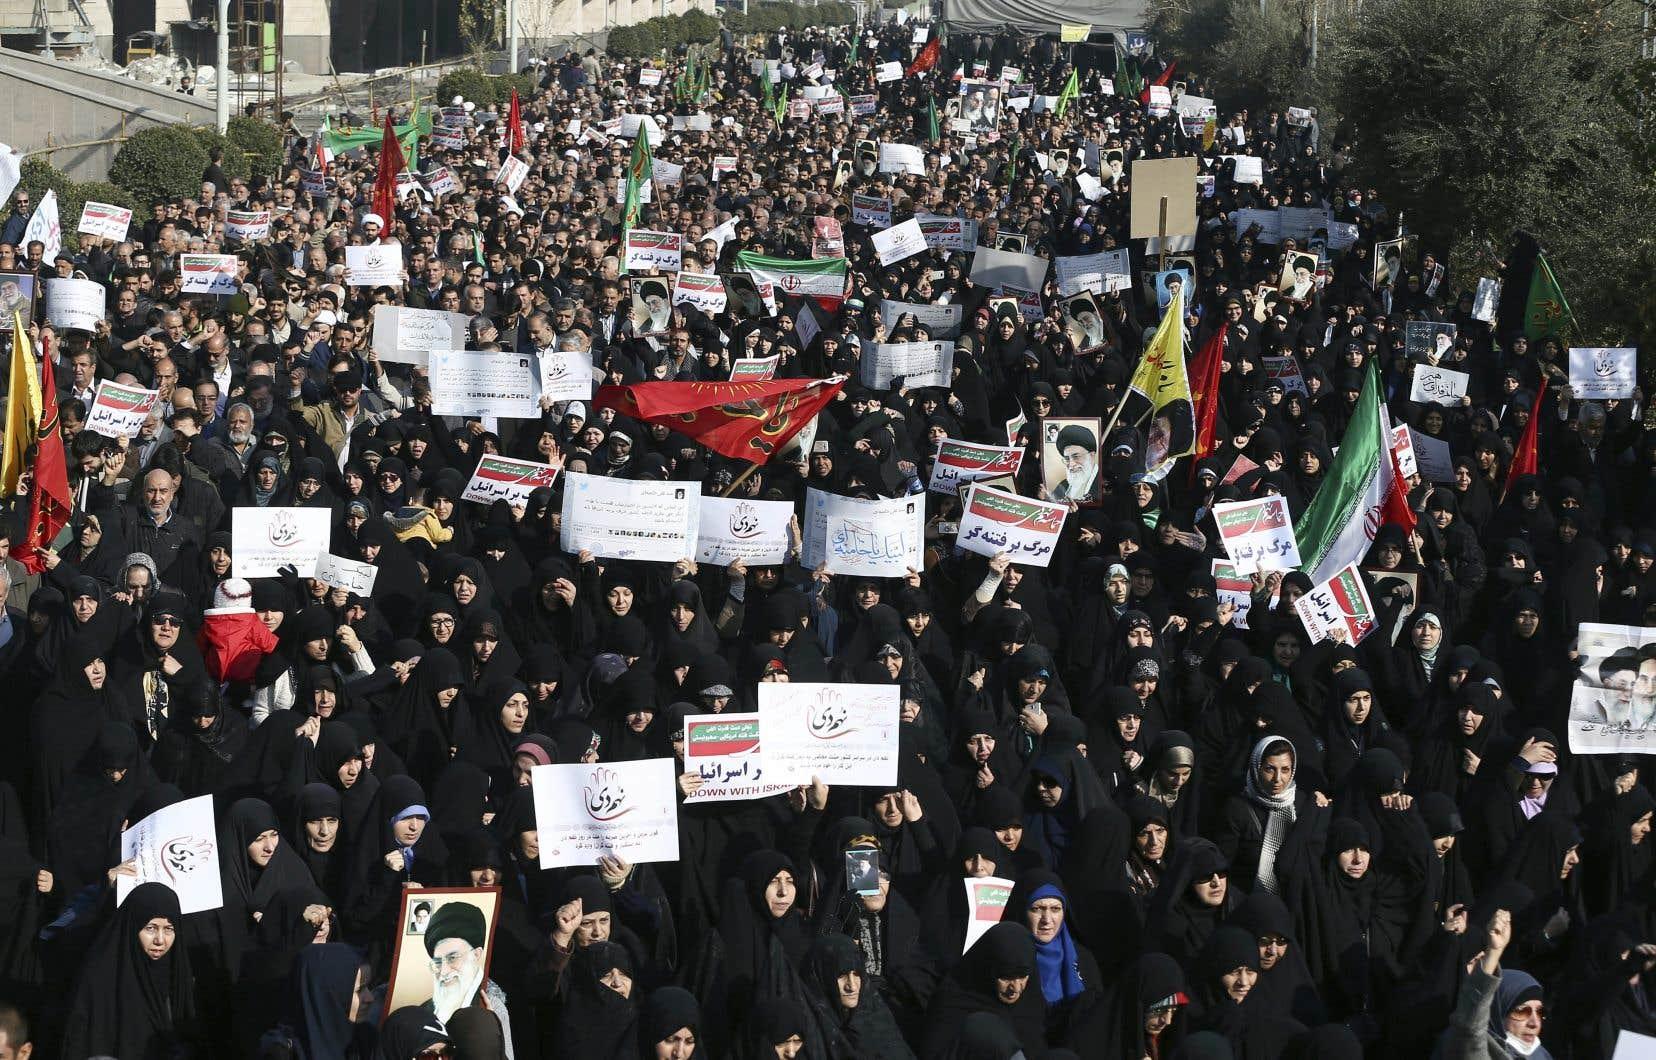 Des manifestants iraniens scandent des slogans lors d'un rassemblement à Téhéran, en Iran, le 30 décembre dernier.